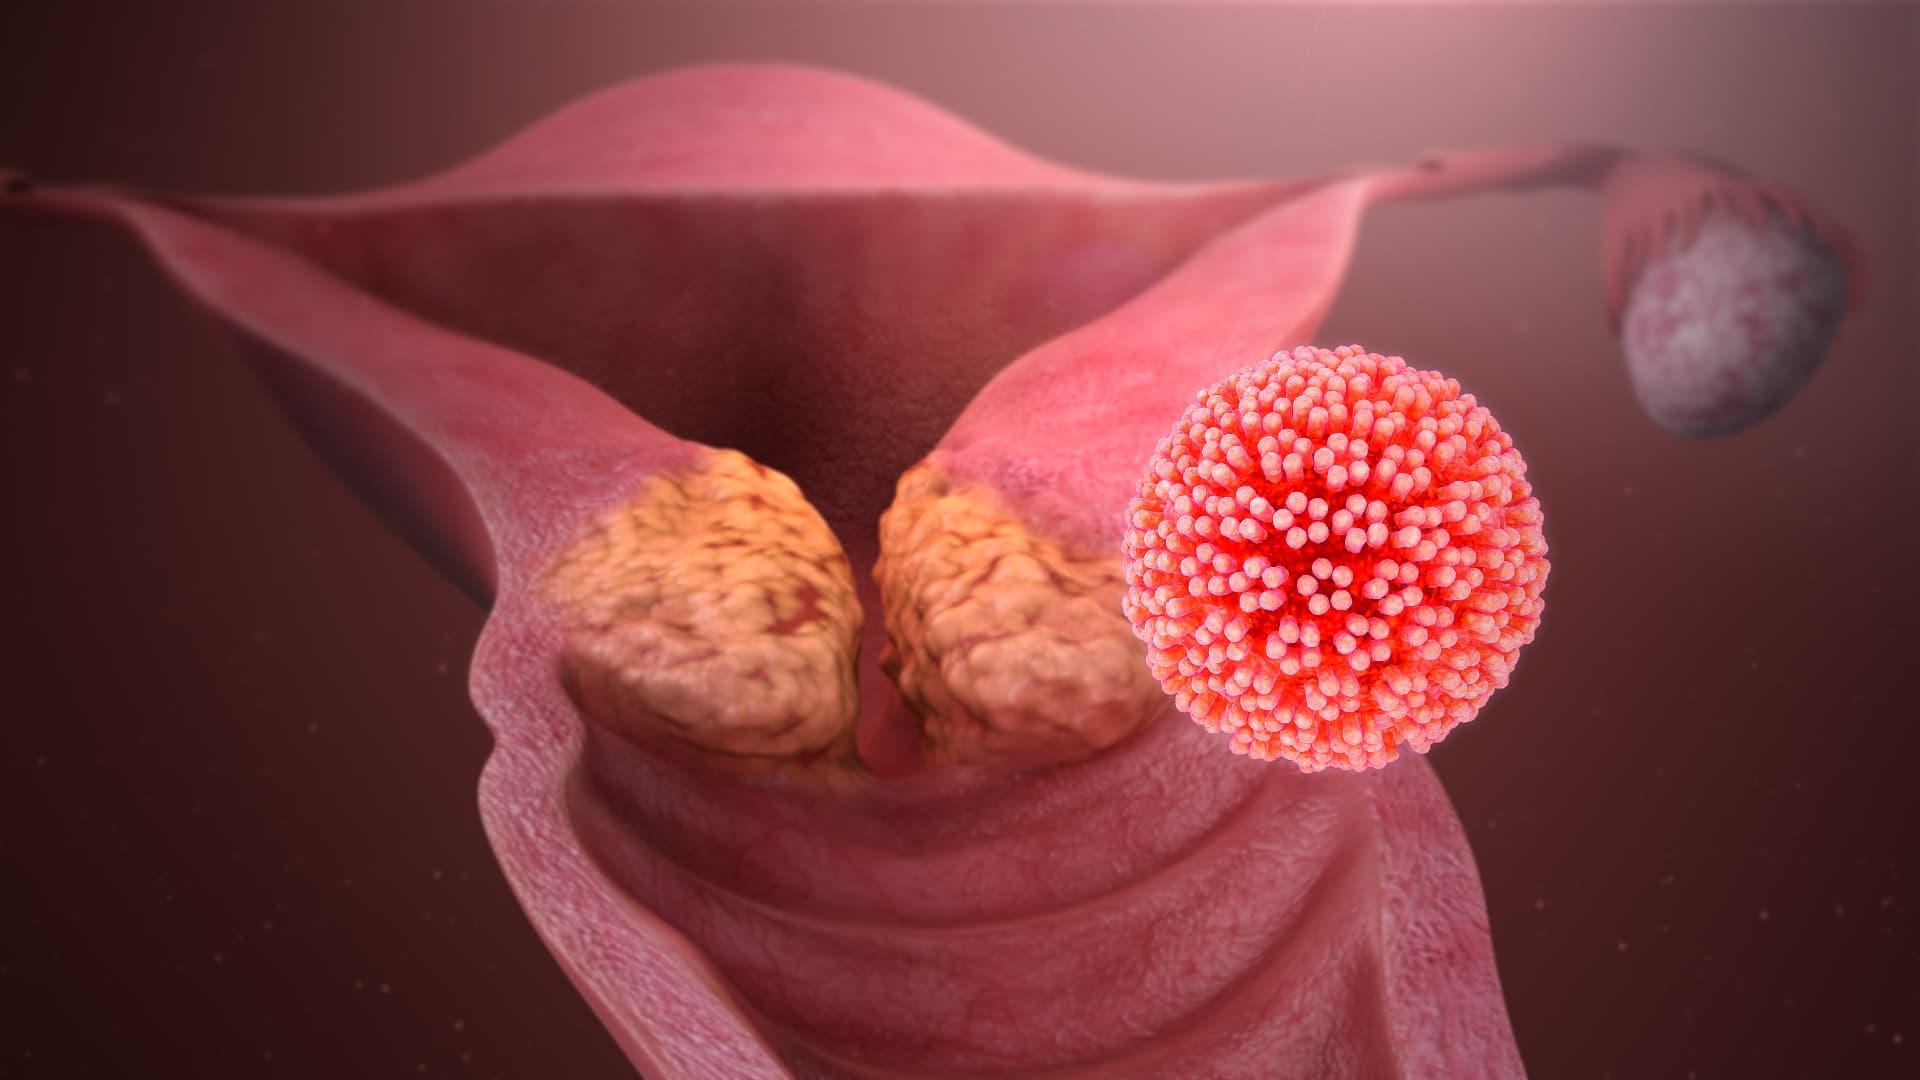 papilloma virus colposcopia positiva papiloma virus in gola